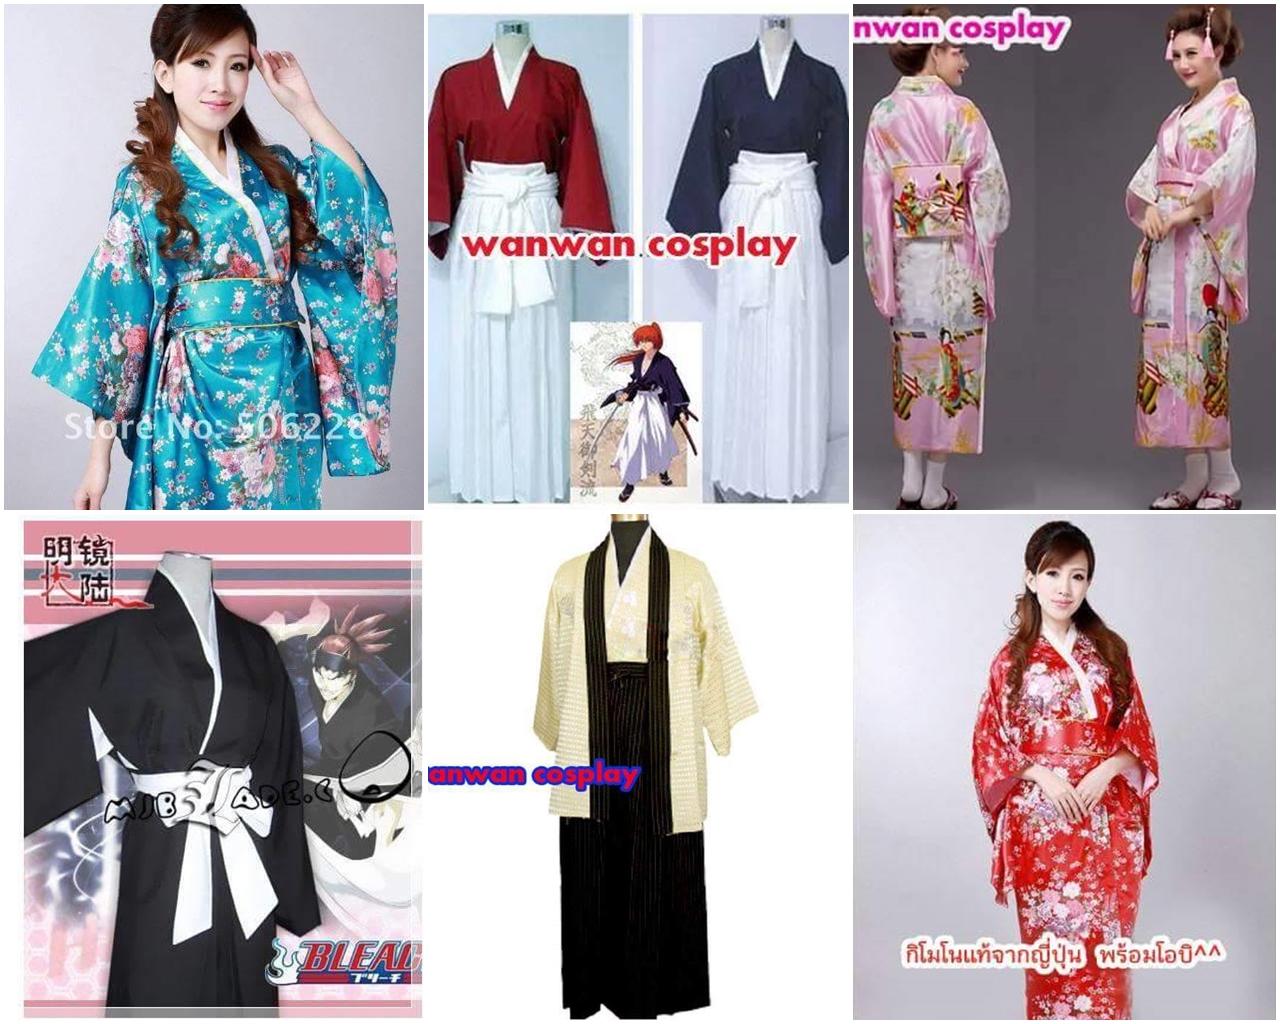 เช่าชุดญี่ปุ่น ชุดซามูไร ชุดกิโมโน ชุดยูกาตะ ชุดฮากามะ094-920-9400